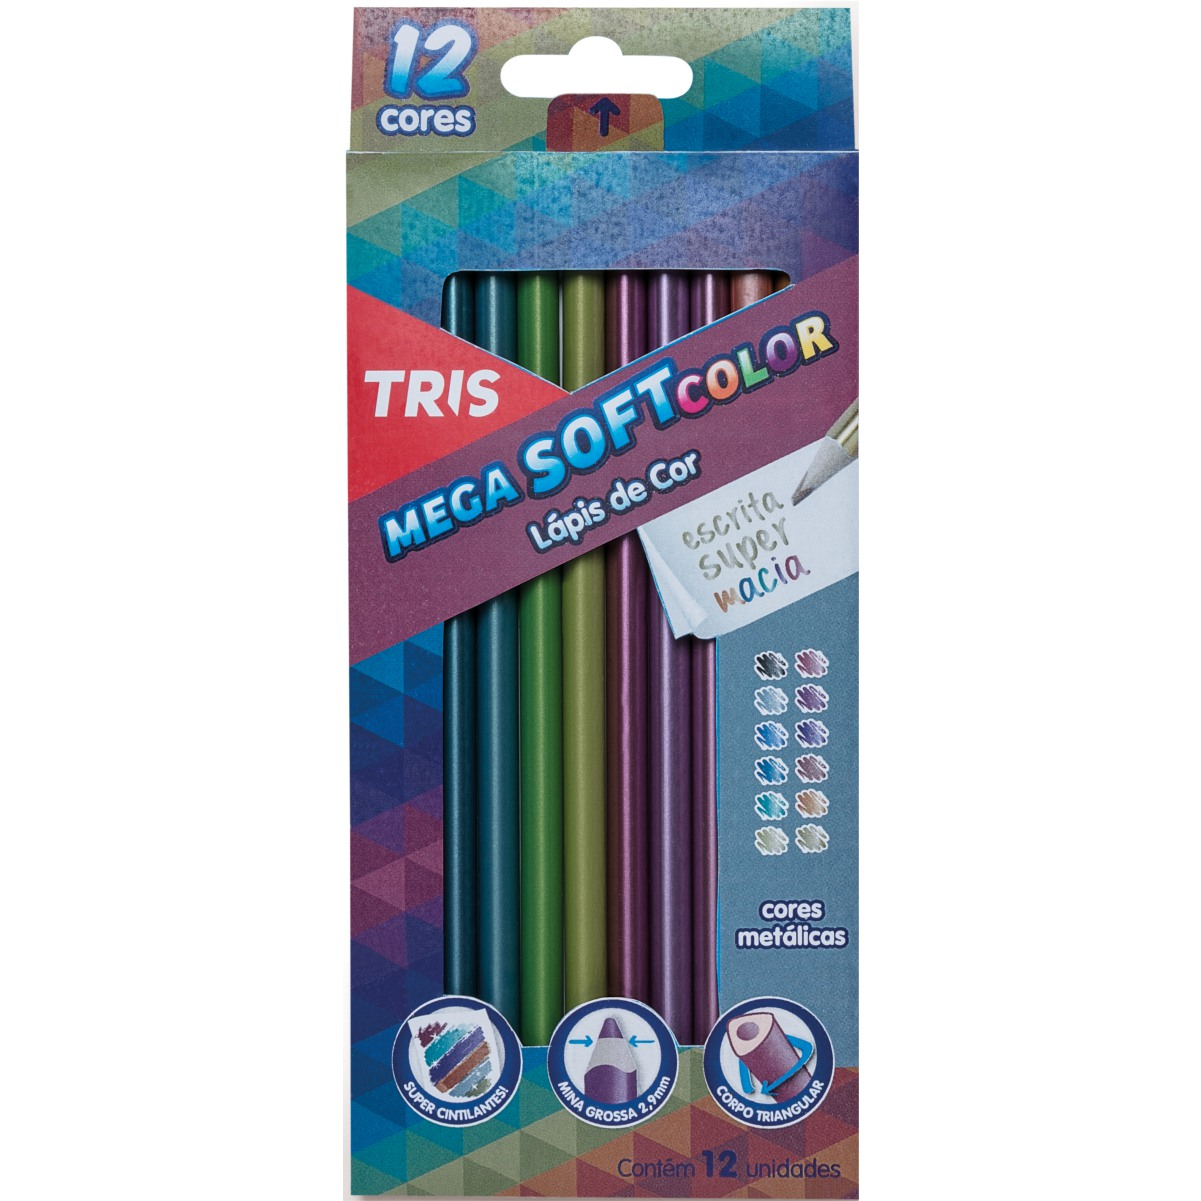 Lápis de Cor Tris Mega Soft Color Tons Metálicos 12 Cores